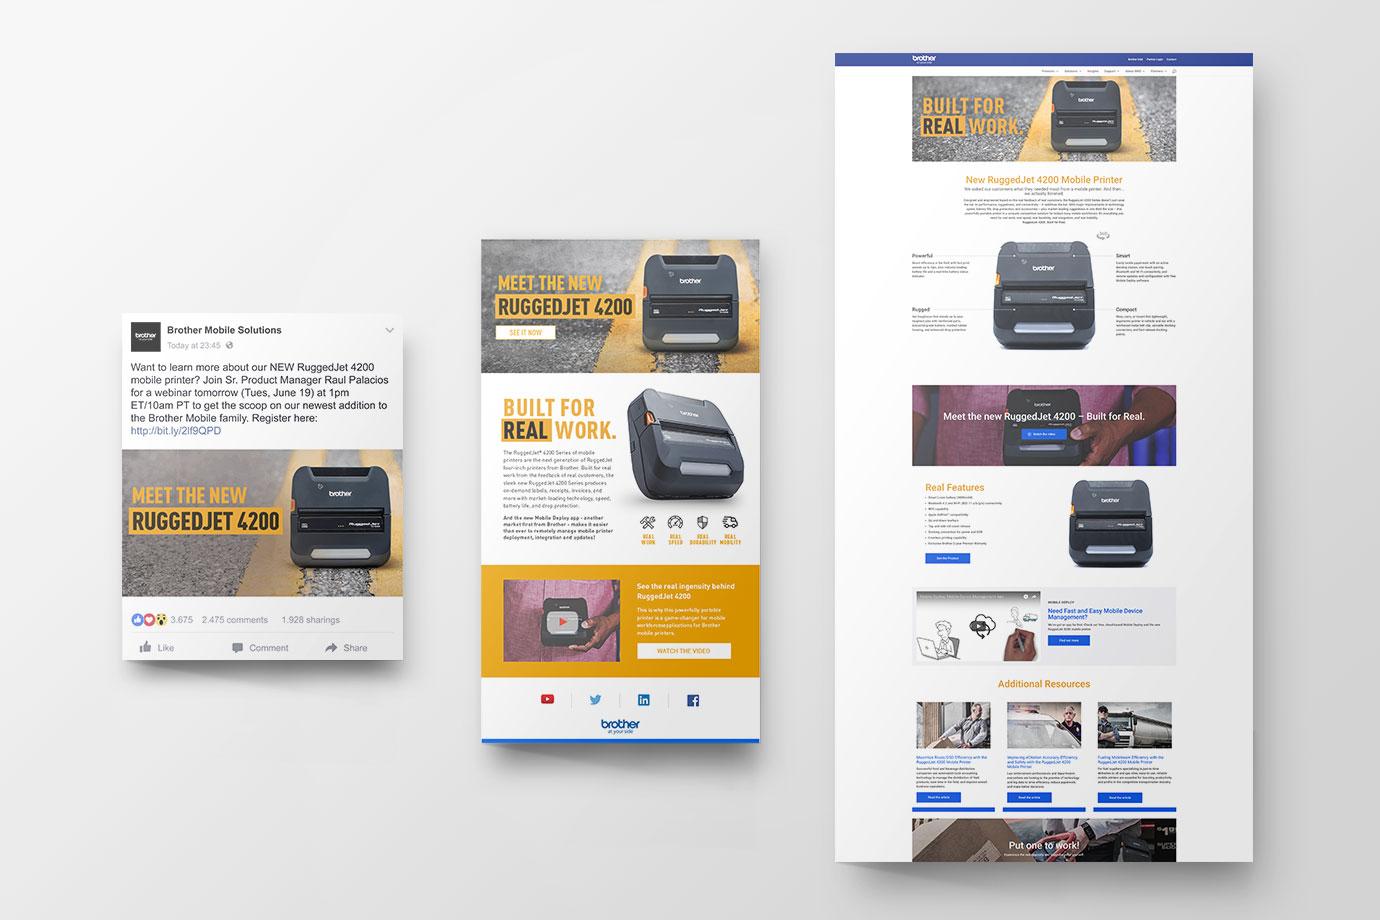 BON 001_Portfolio_BMS_RJ4200_Campaign_Assets.jpg